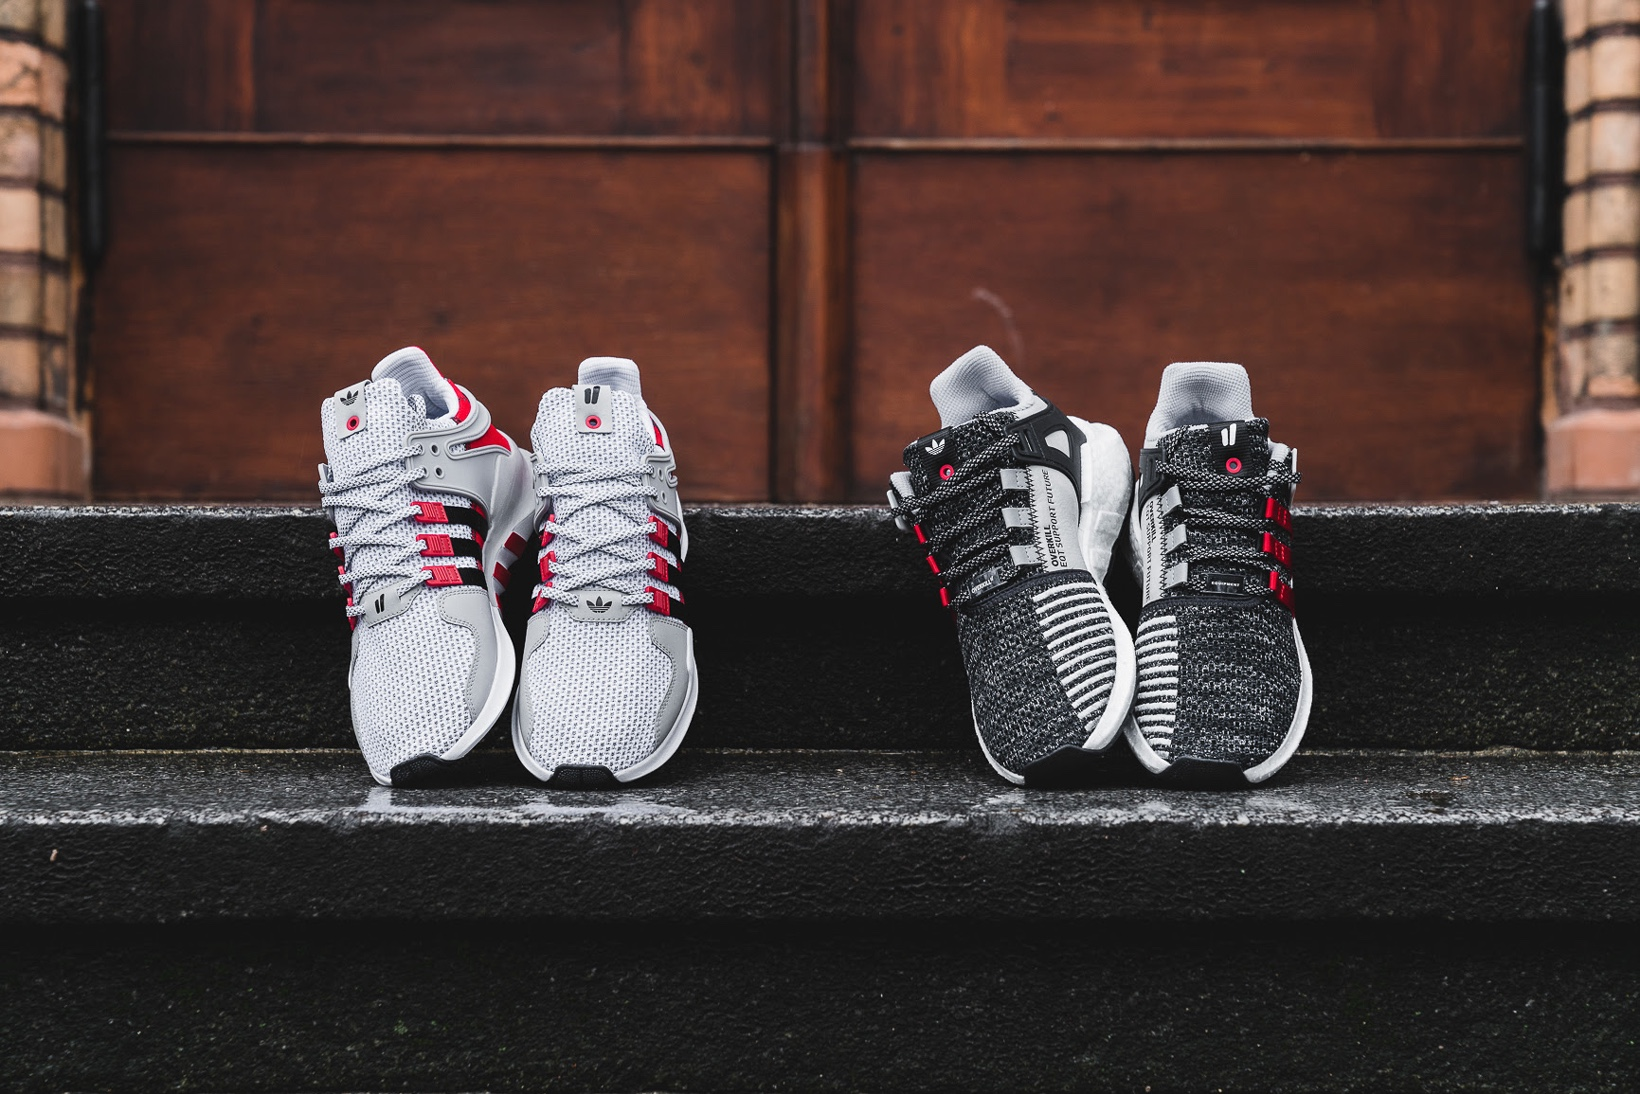 Adidas x Overkill EQT